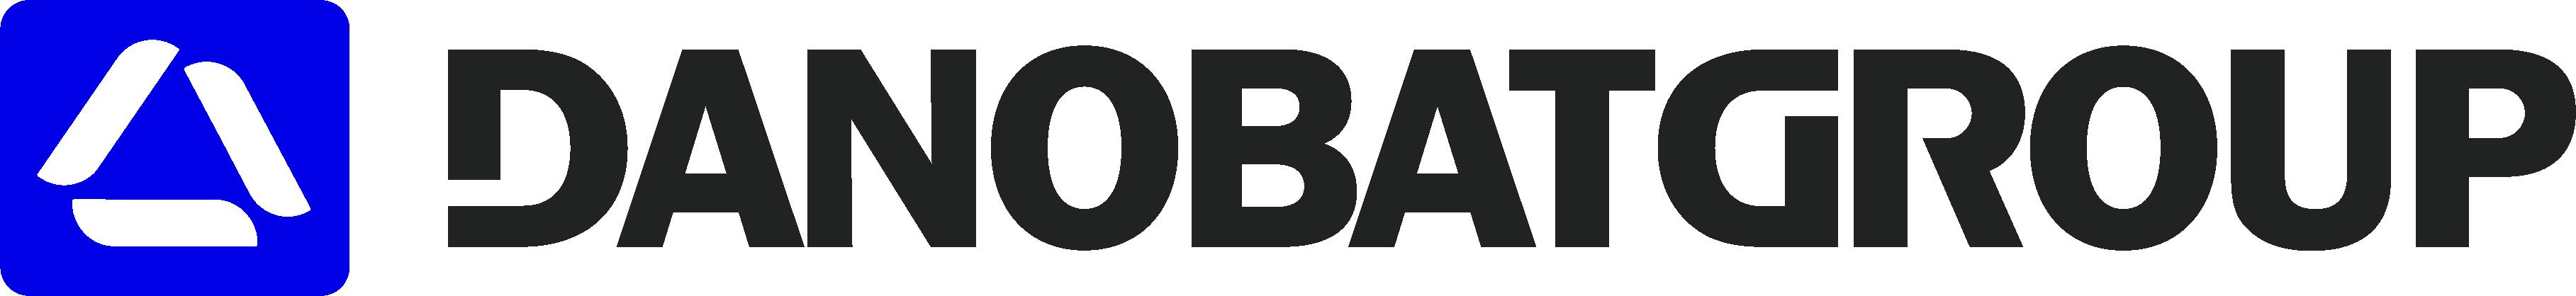 Danobatgroup_2021